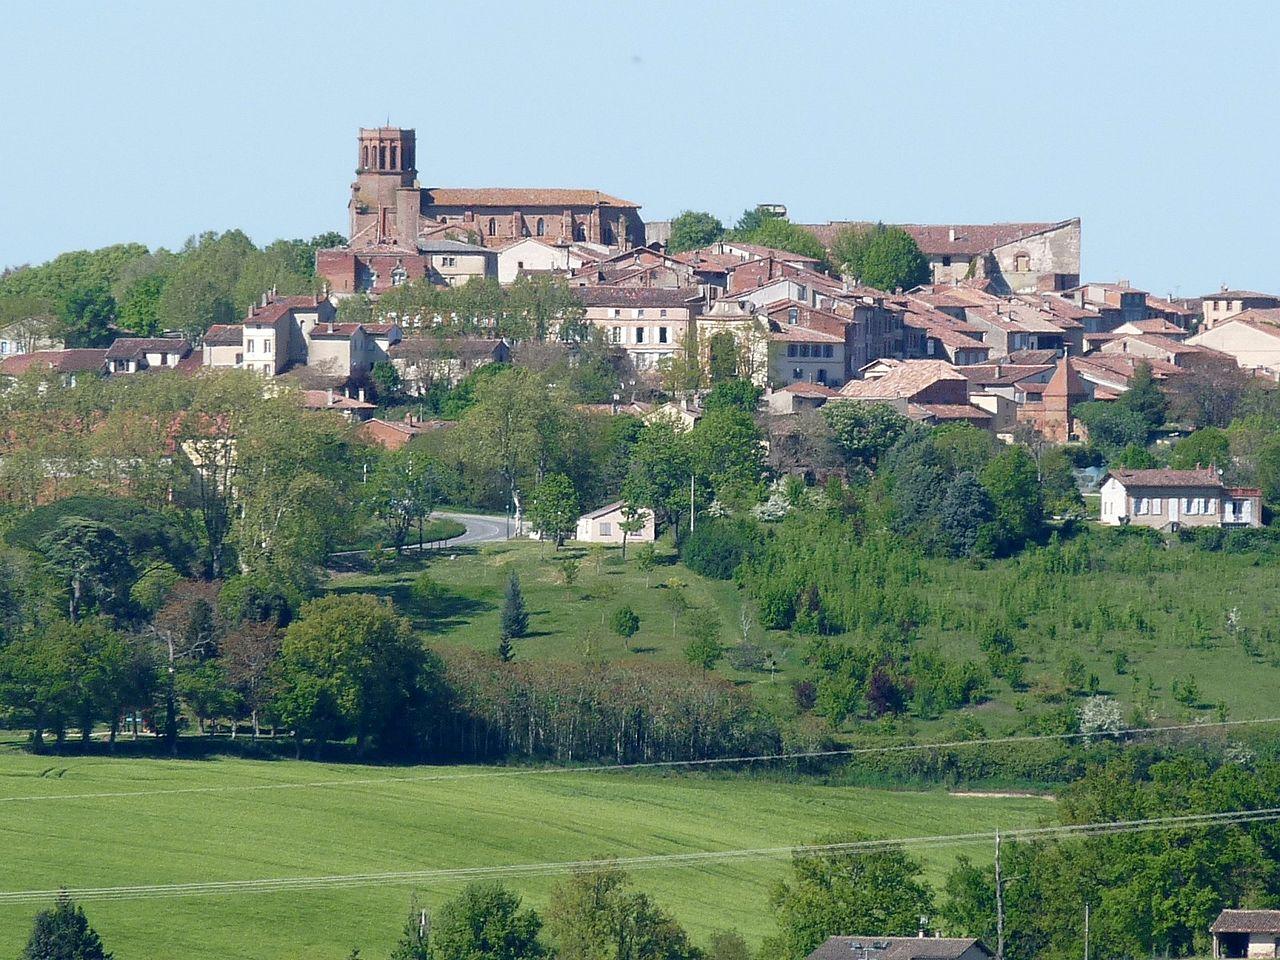 Verfeil (31) Eglise Saint-Blaise - Sauvegarde de l'Art Français